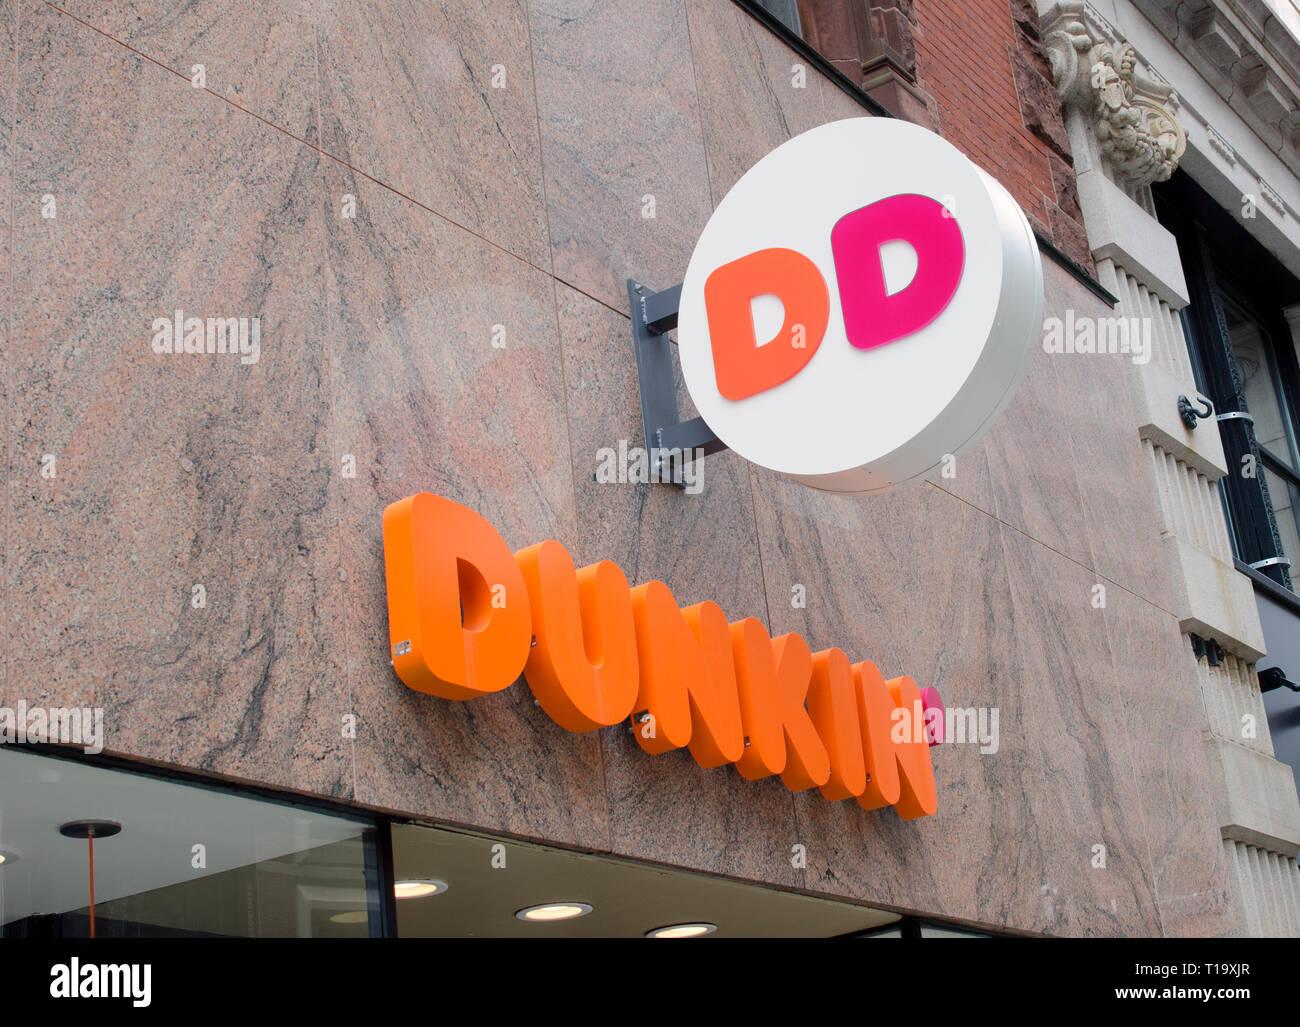 Dunkin Donuts firmar con la nueva marca de nombre que acaba de Dunkin en tienda en Boston, Massachusetts, EE.UU. Imagen De Stock